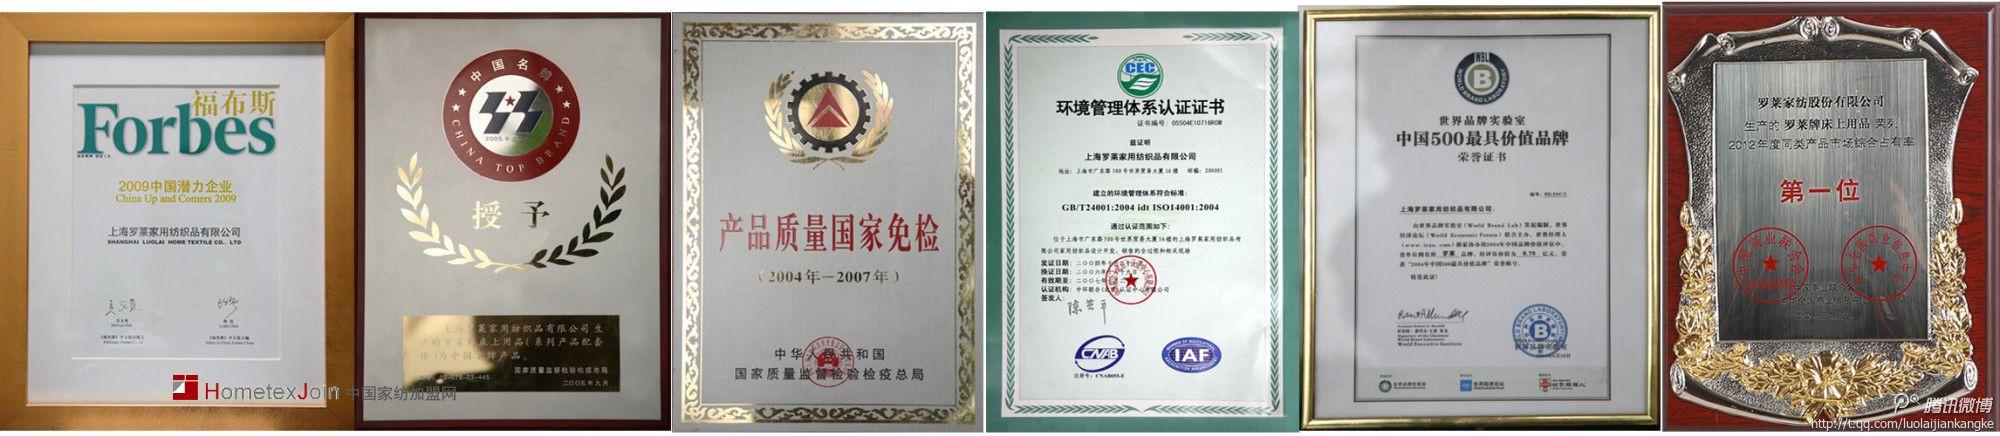 罗莱家纺荣膺CCTV2013制造业自主品牌家纺行业第一